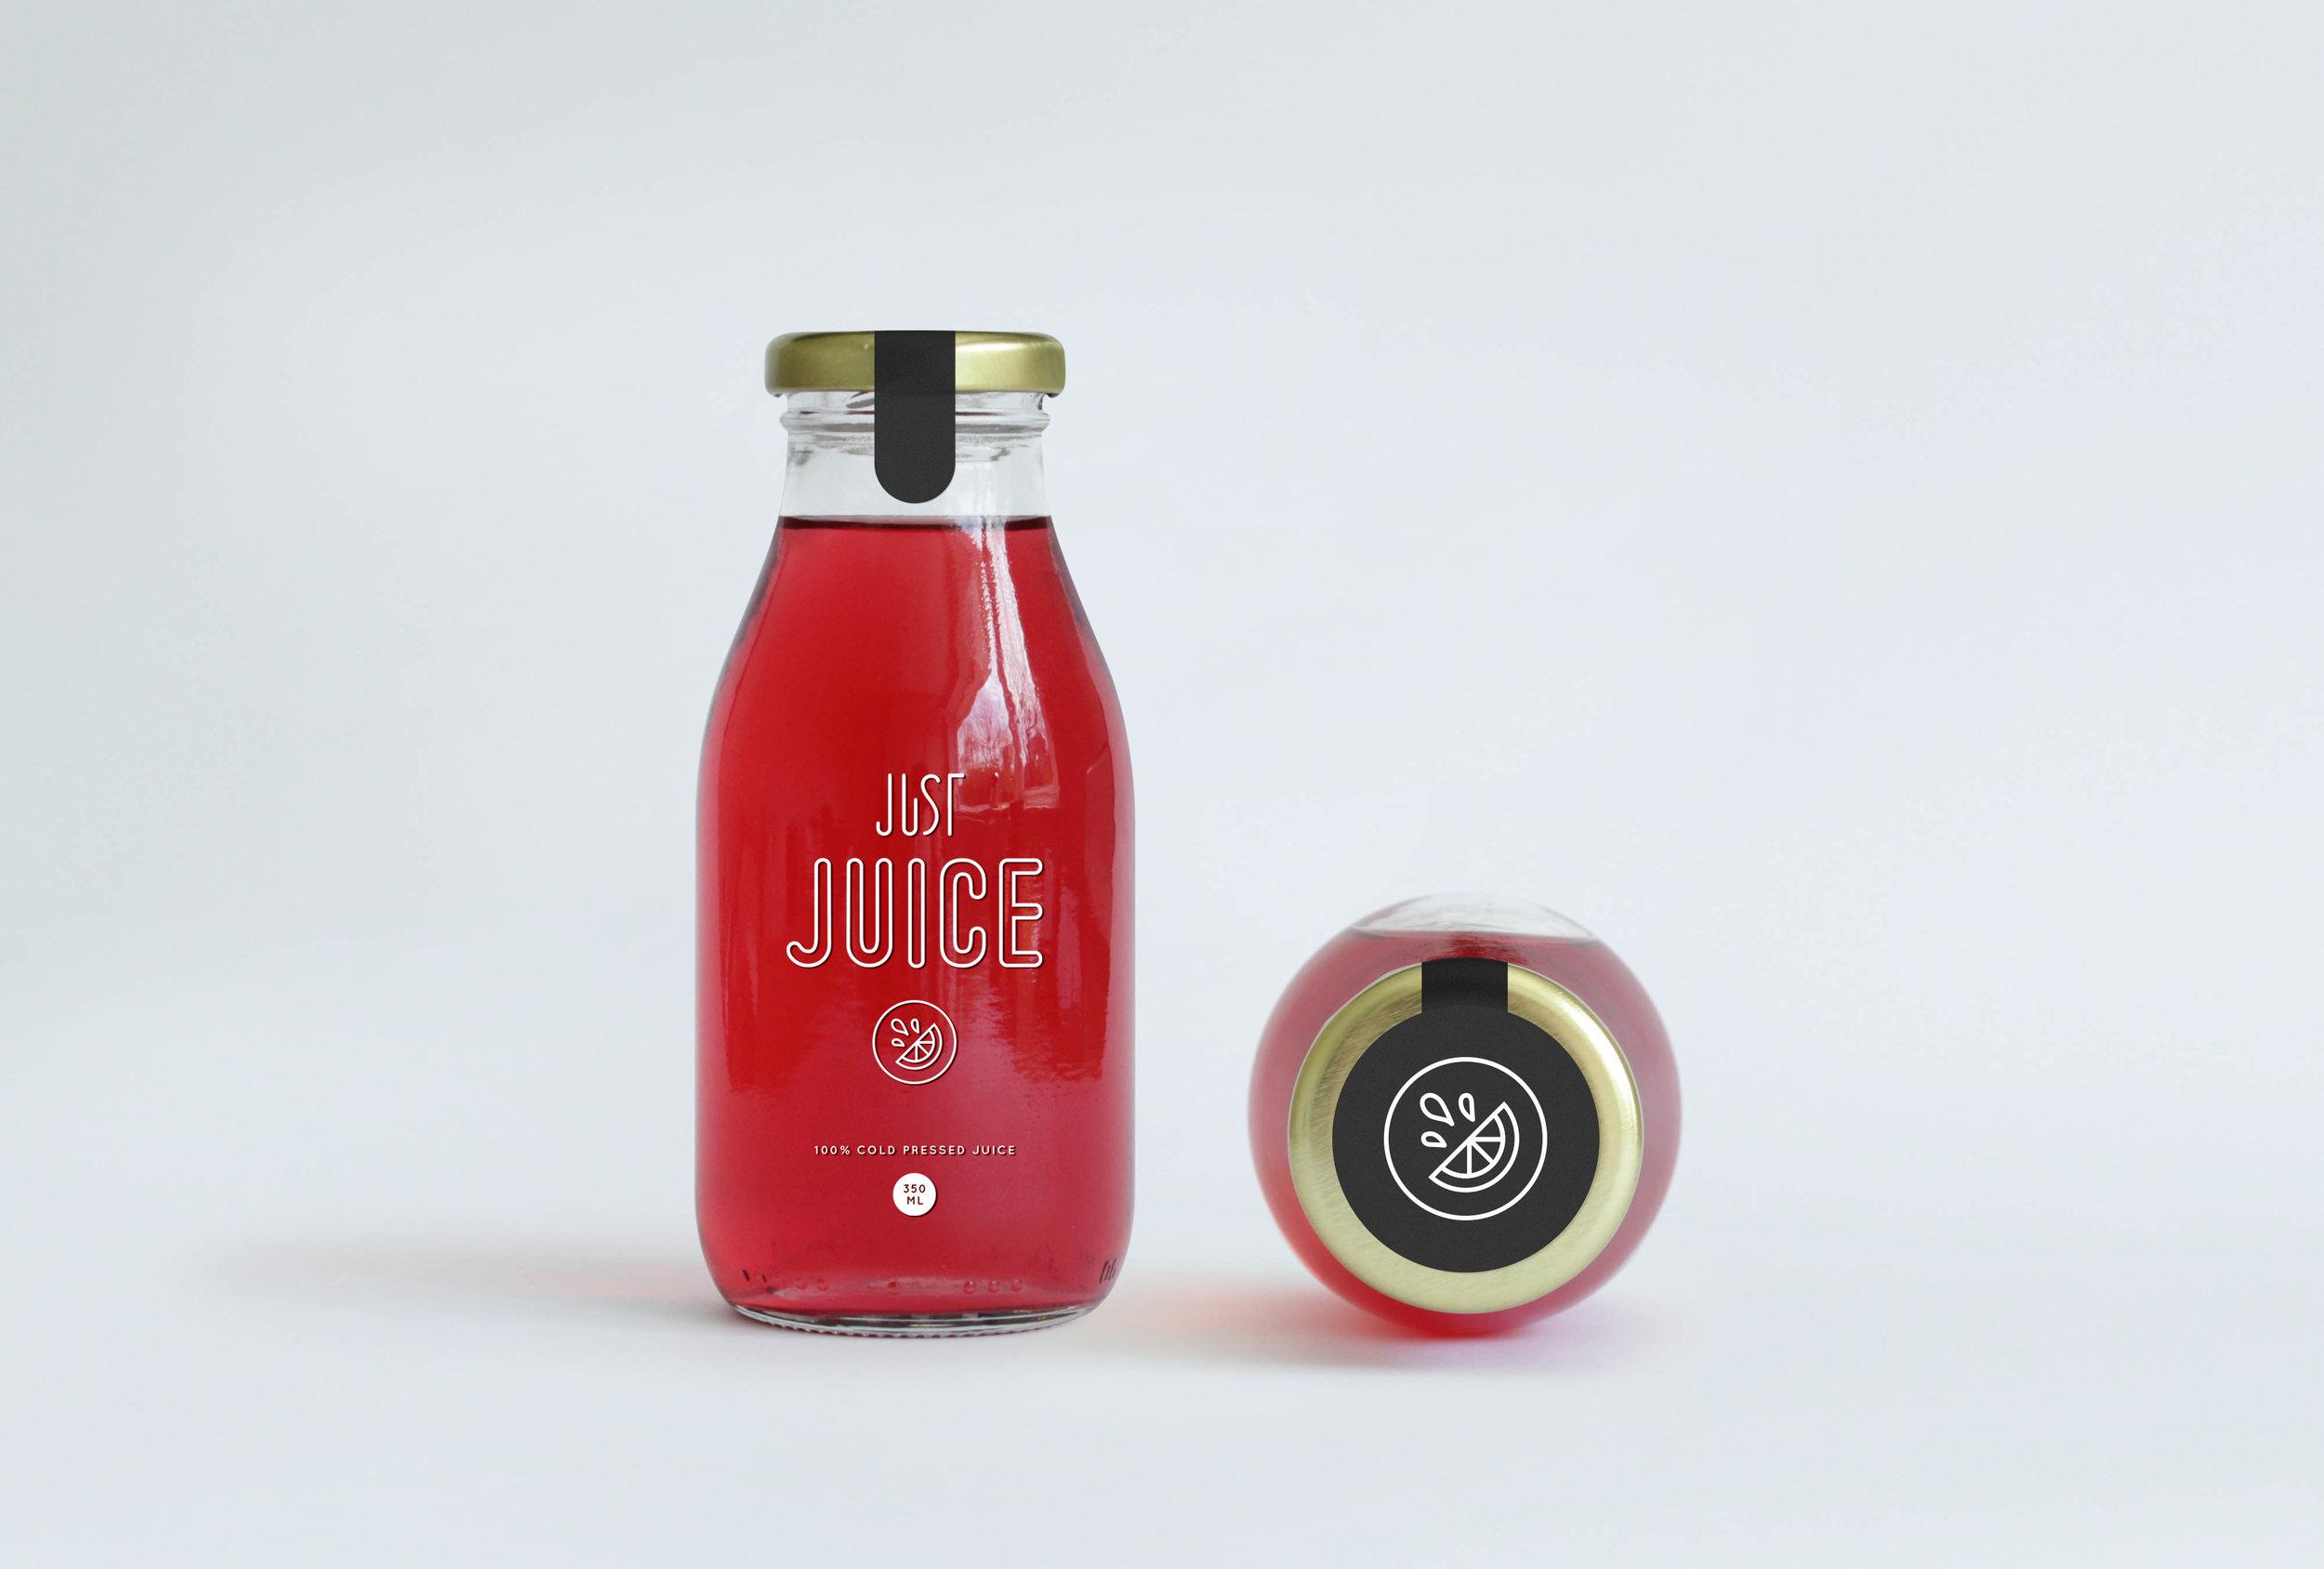 juice-bottle-packaging